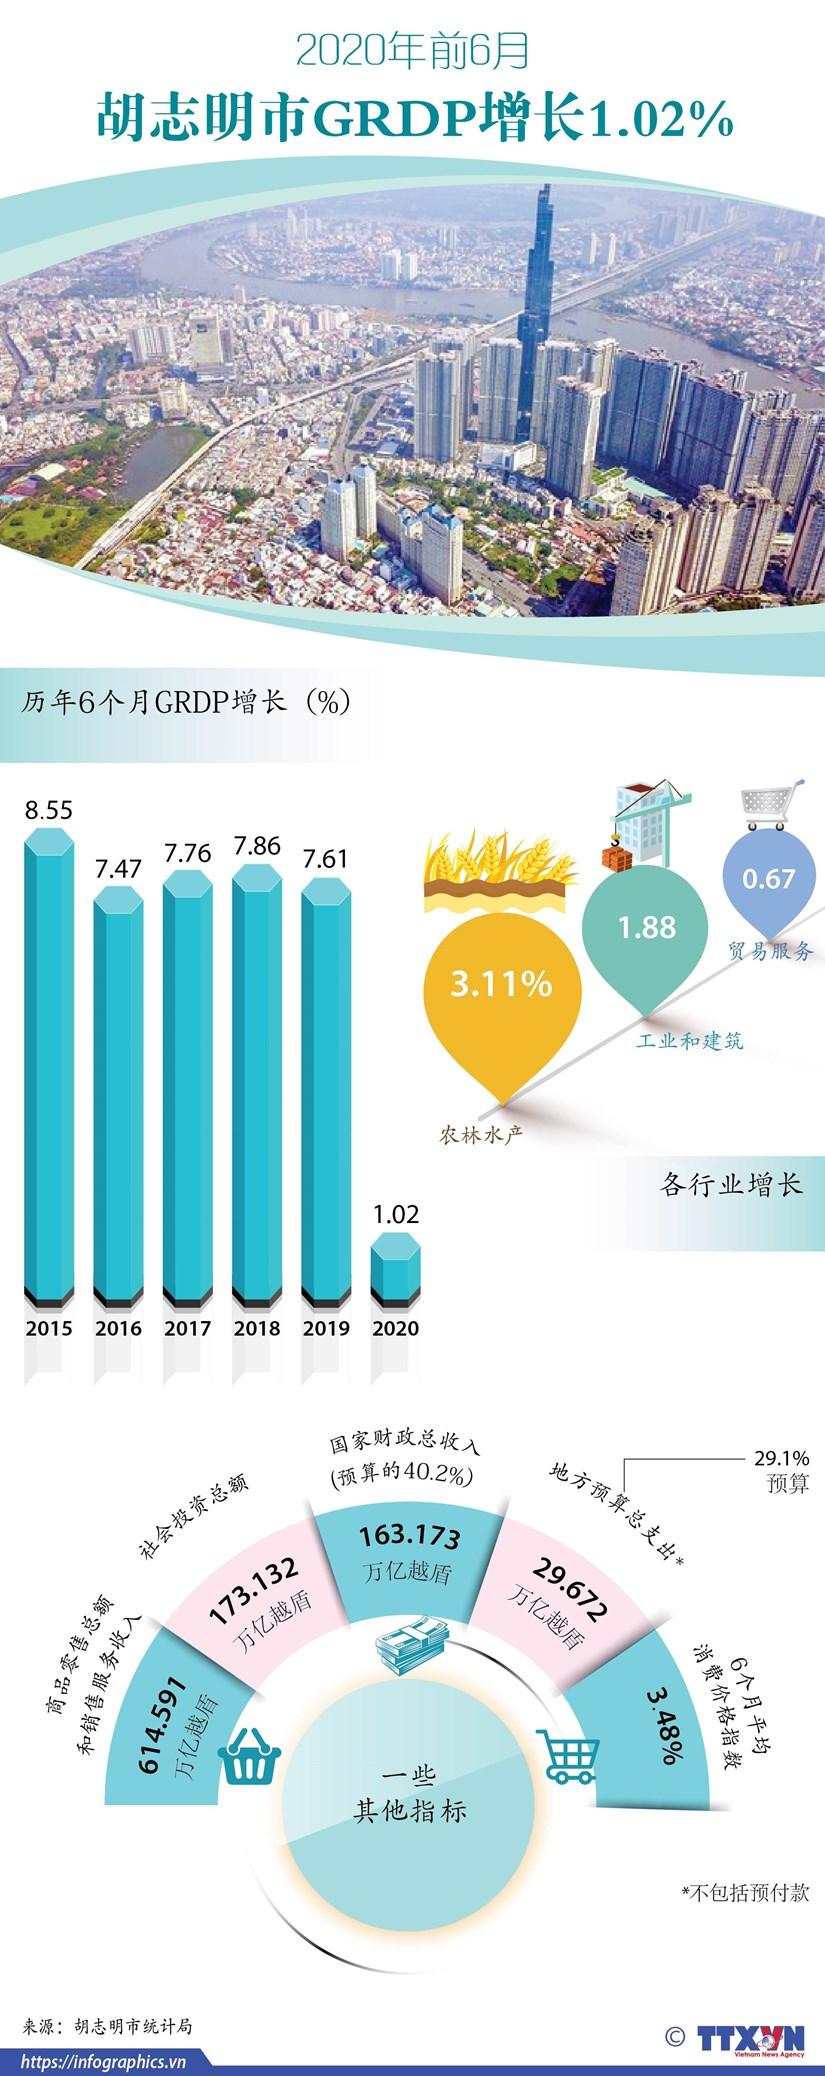 图表新闻:2020年前6月胡志明市GRDP 增长1.02% hinh anh 1